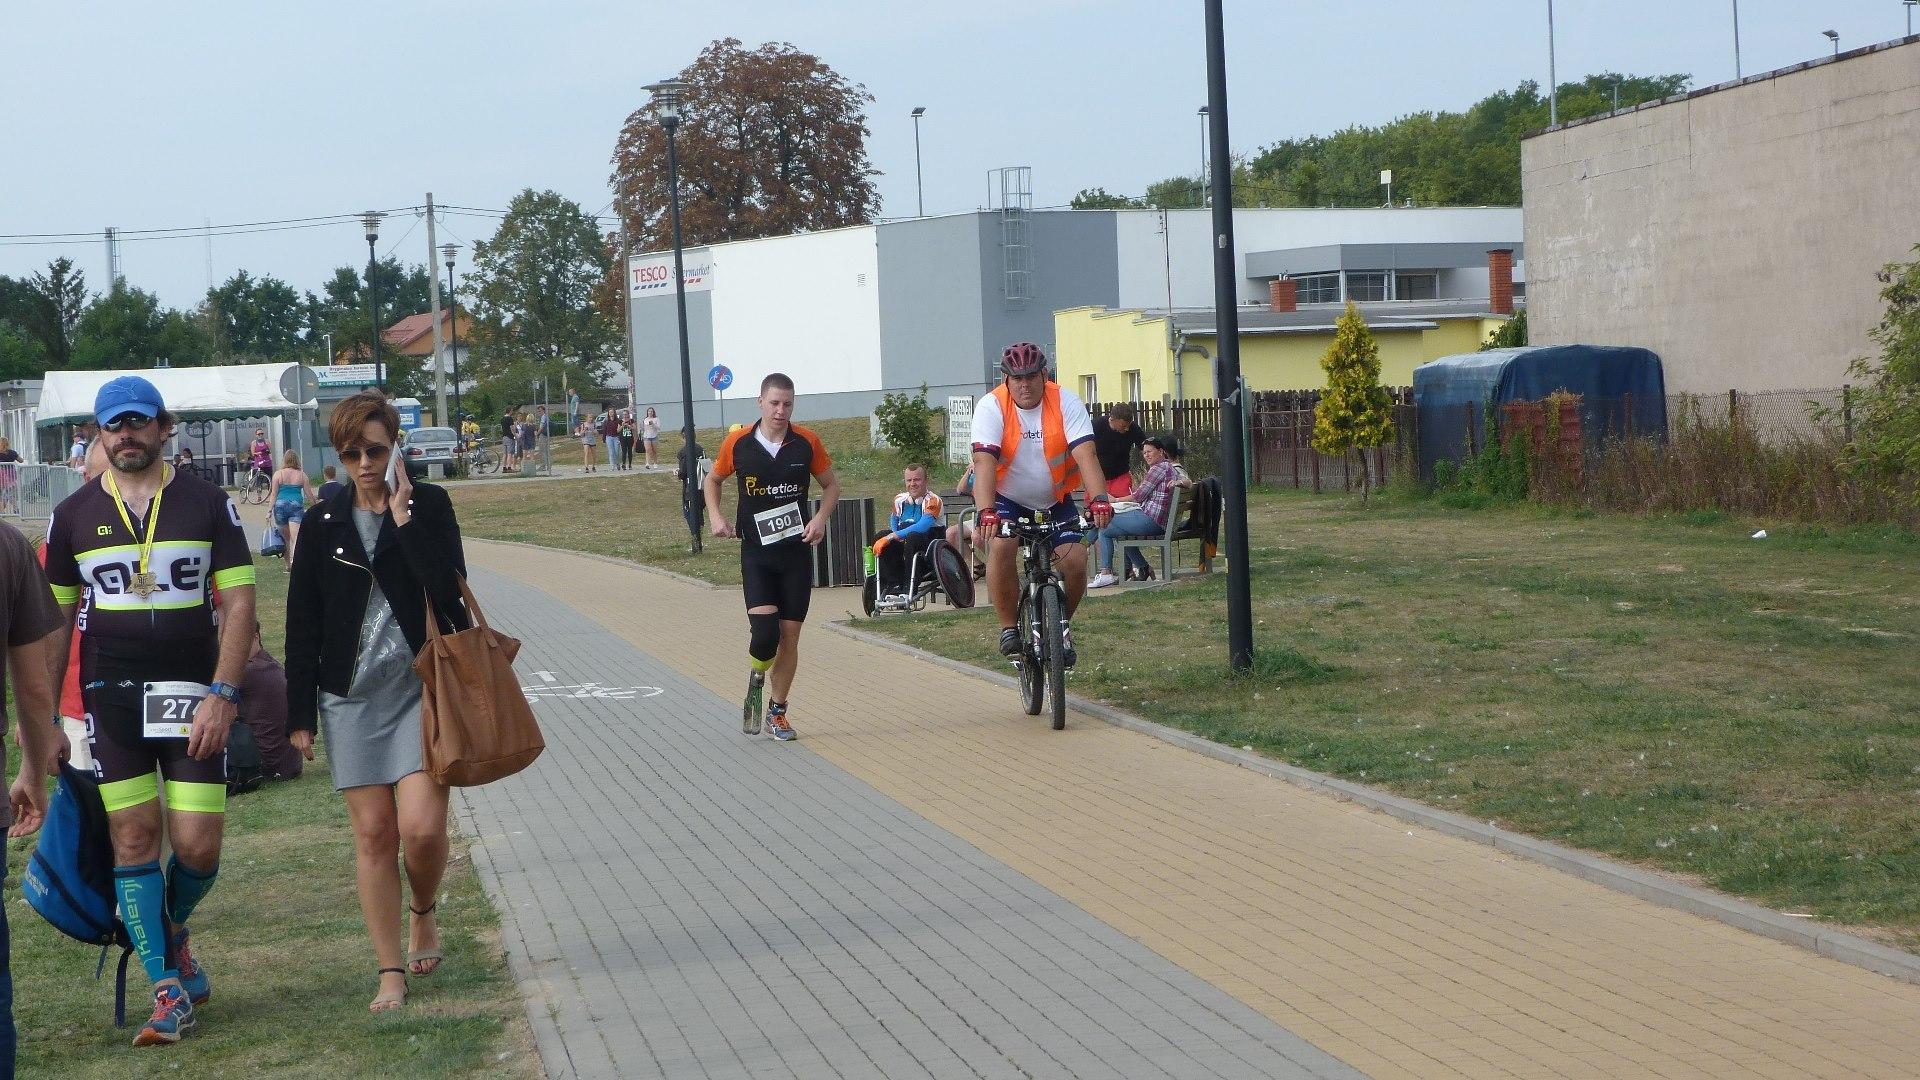 kamil-aleksejew-moj-pierwszy-triathlon-cyklomaniacy-7